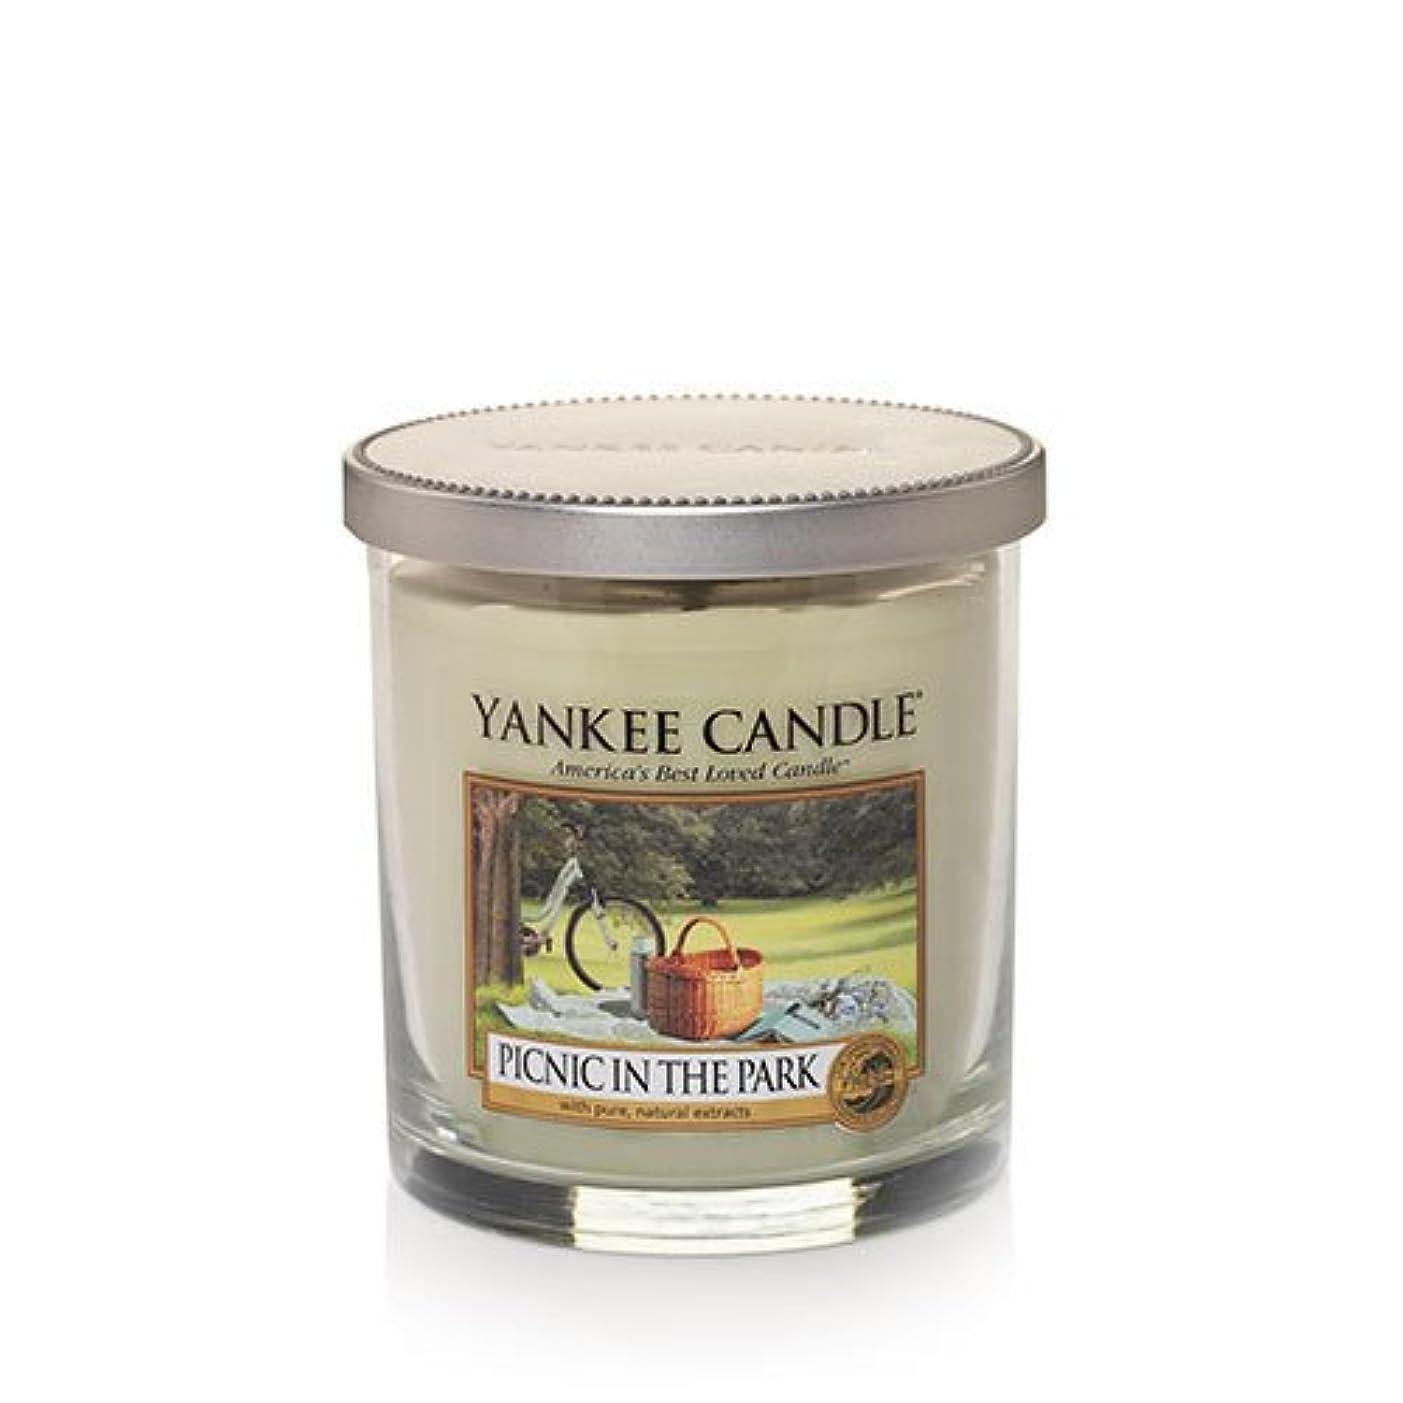 熱心ピジン圧縮するYankee Candleピクニック公園で、新鮮な香り Small Tumbler Candles 1323009-YC